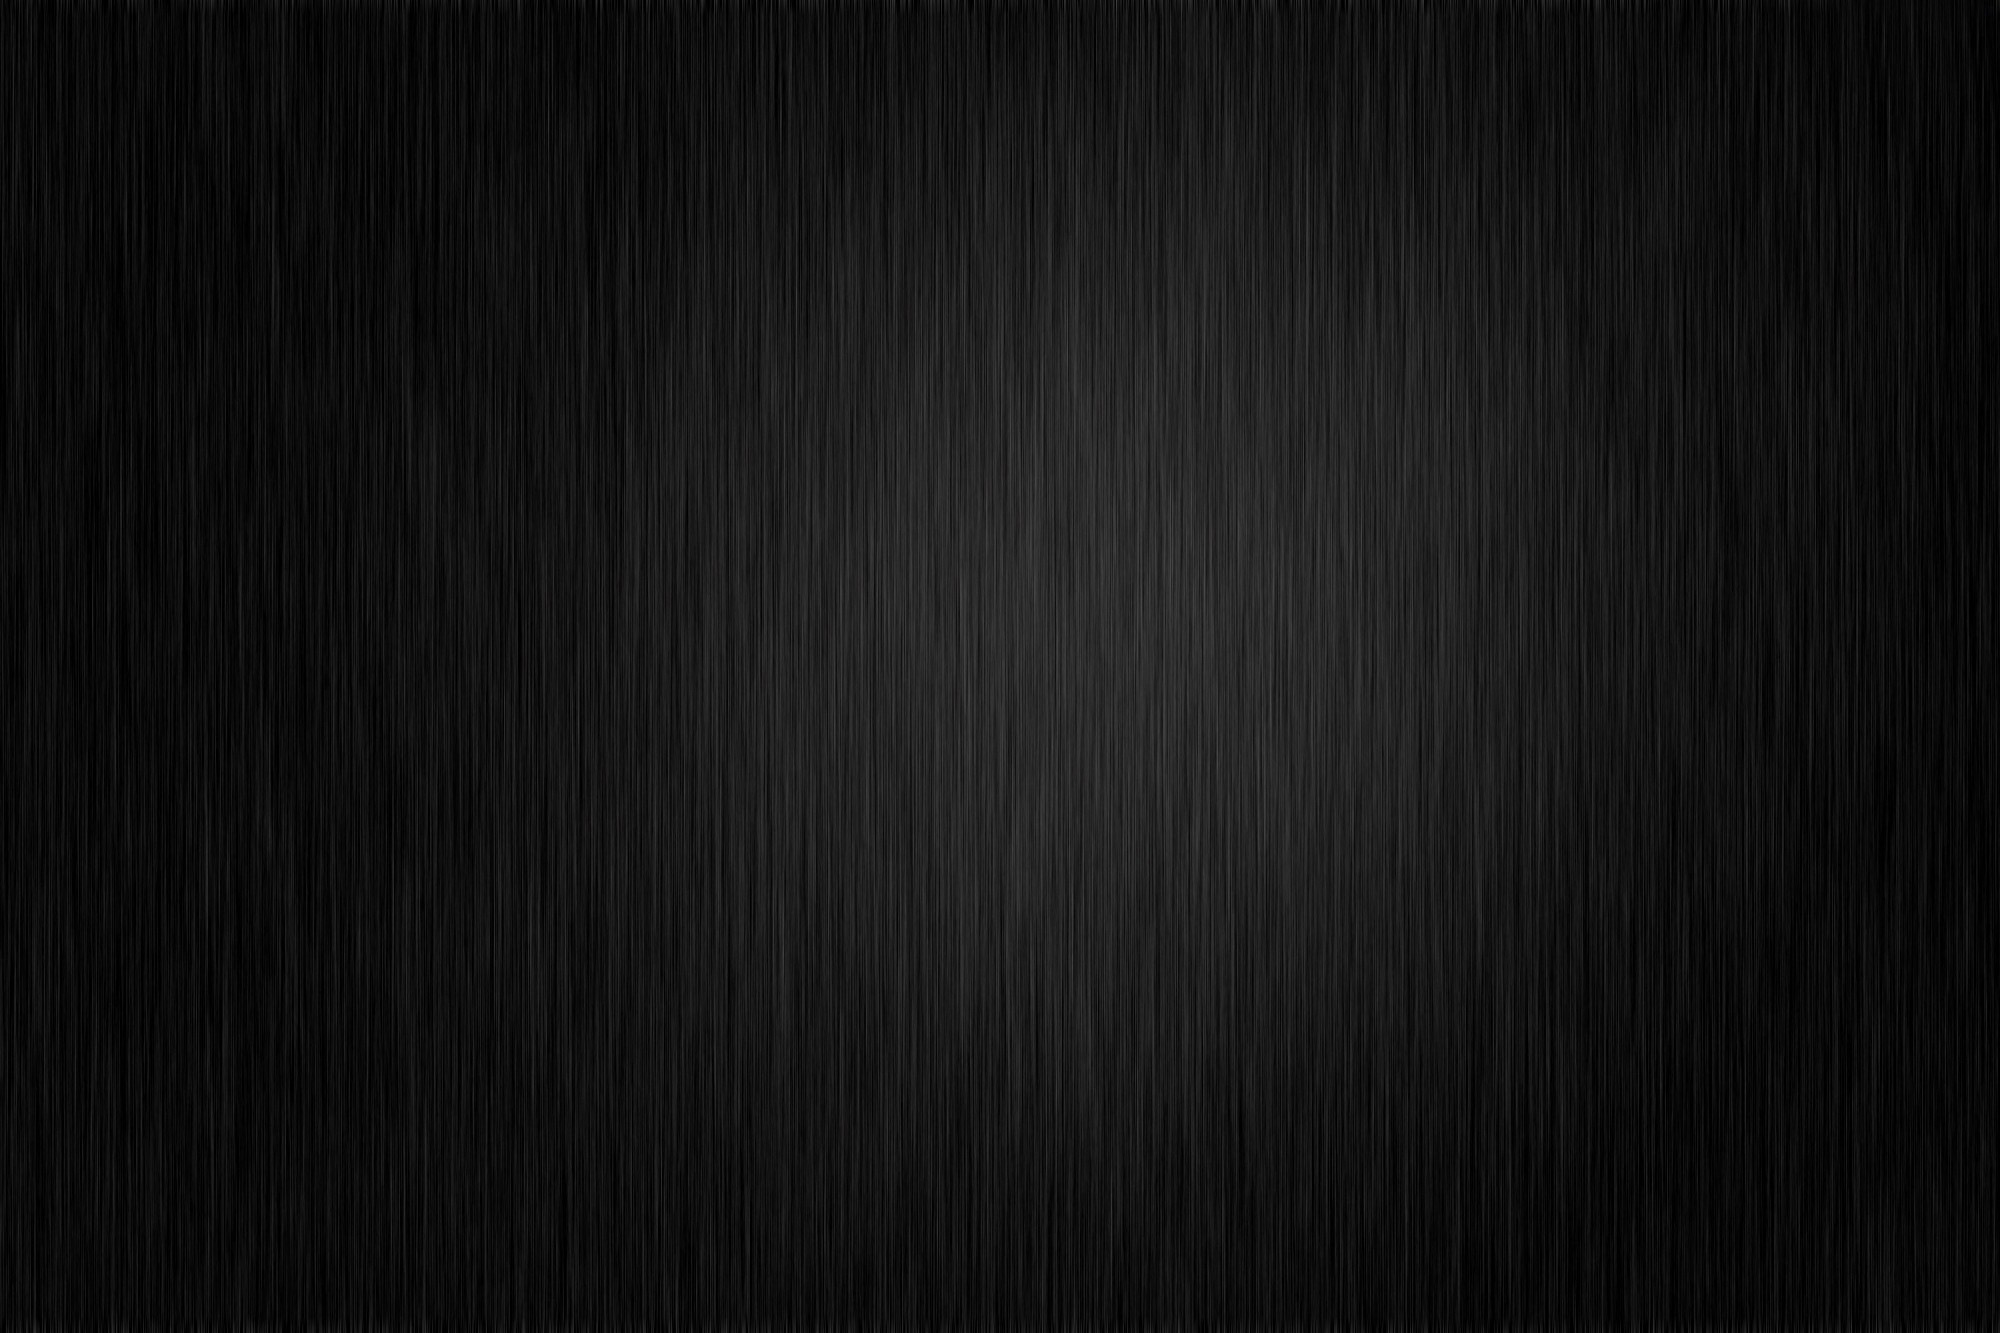 Simple Dark Background